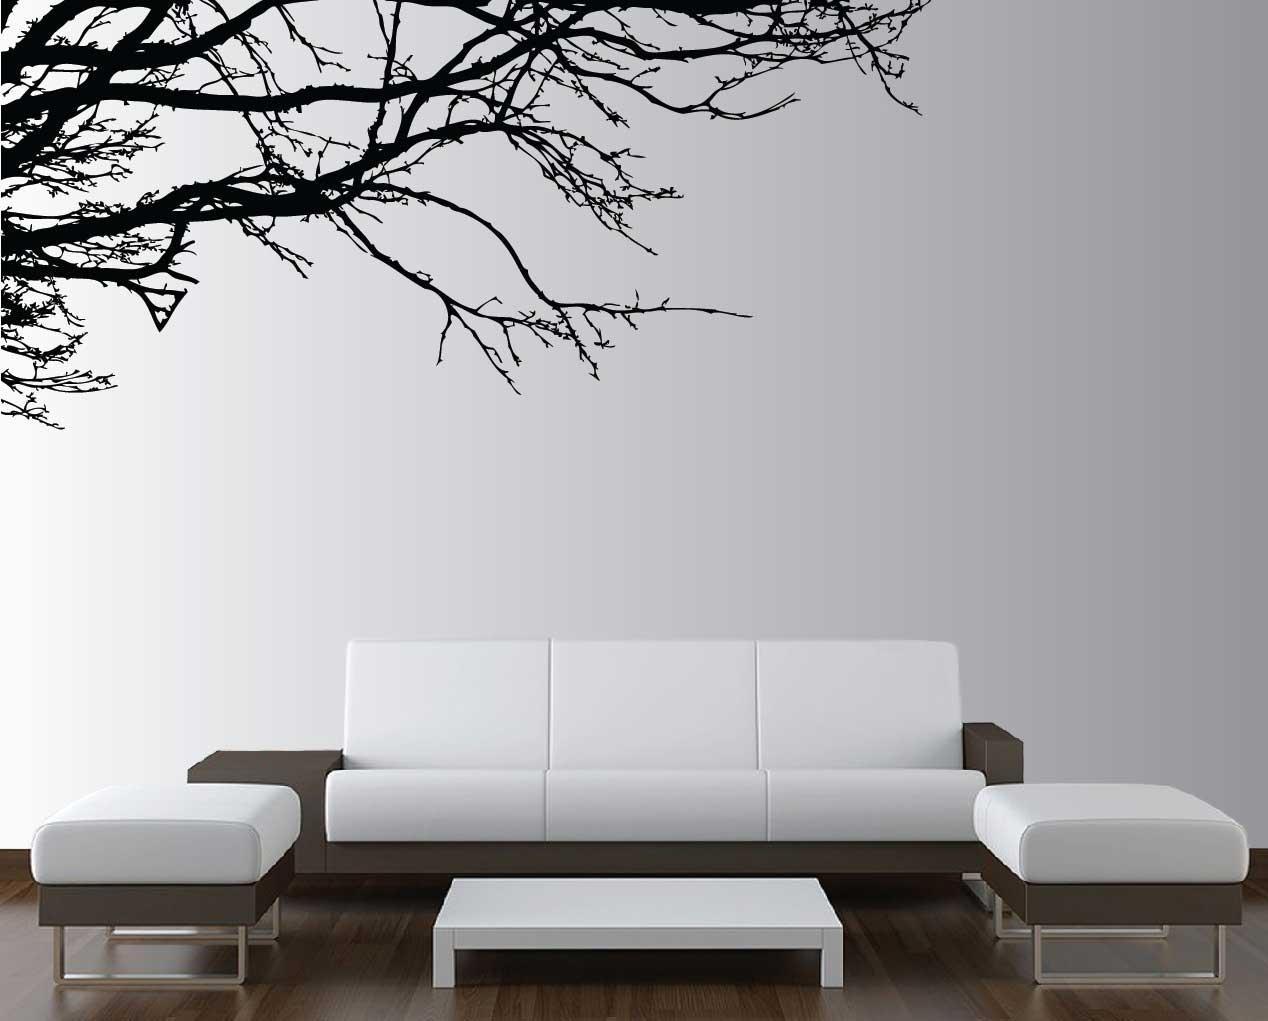 صورة رسومات حائط لغرف النوم , لتزين غرف النوم باجمل الرسومات 2251 9